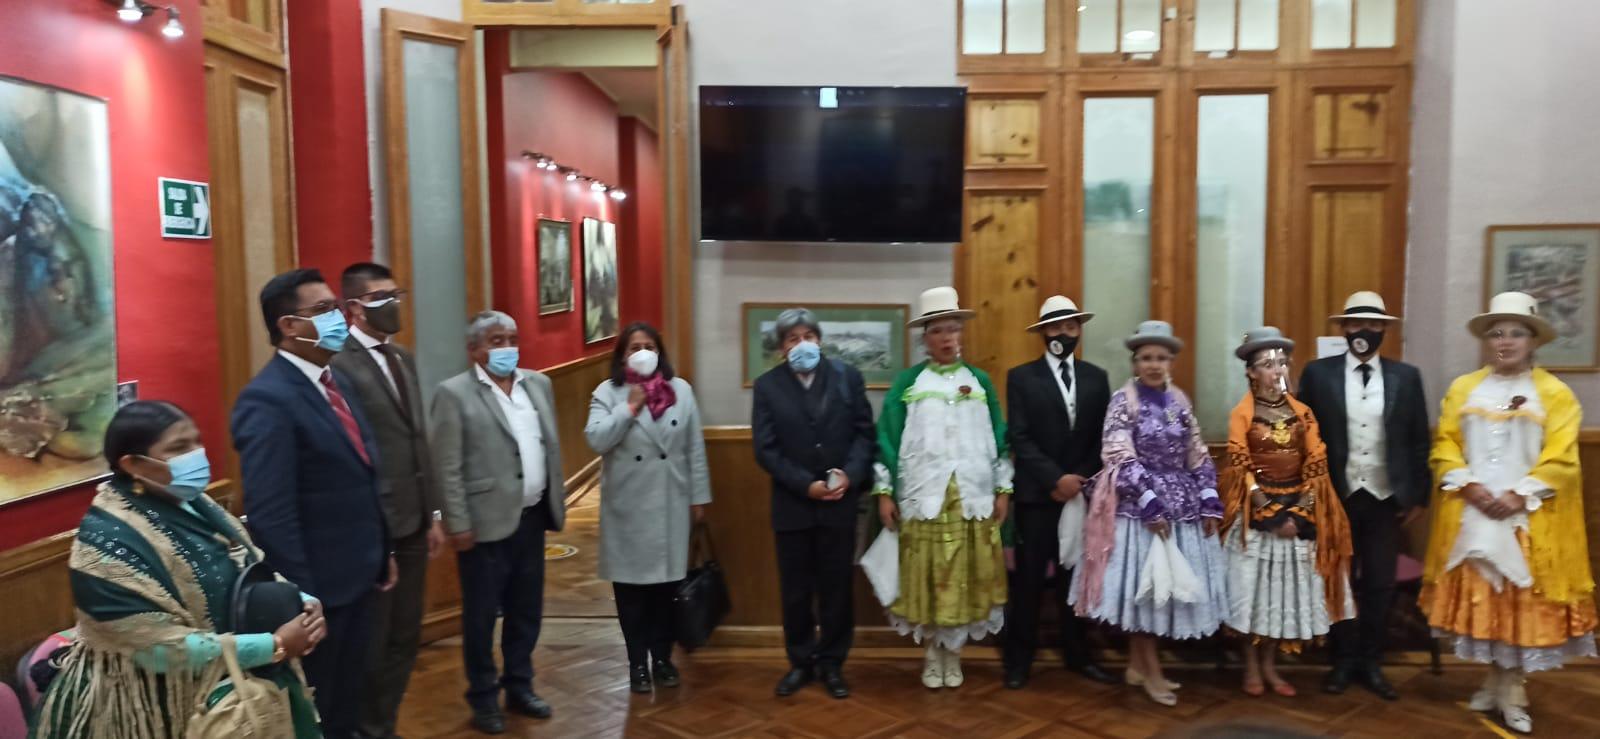 Exposicion cultural en el Concejo Municipal de La Paz